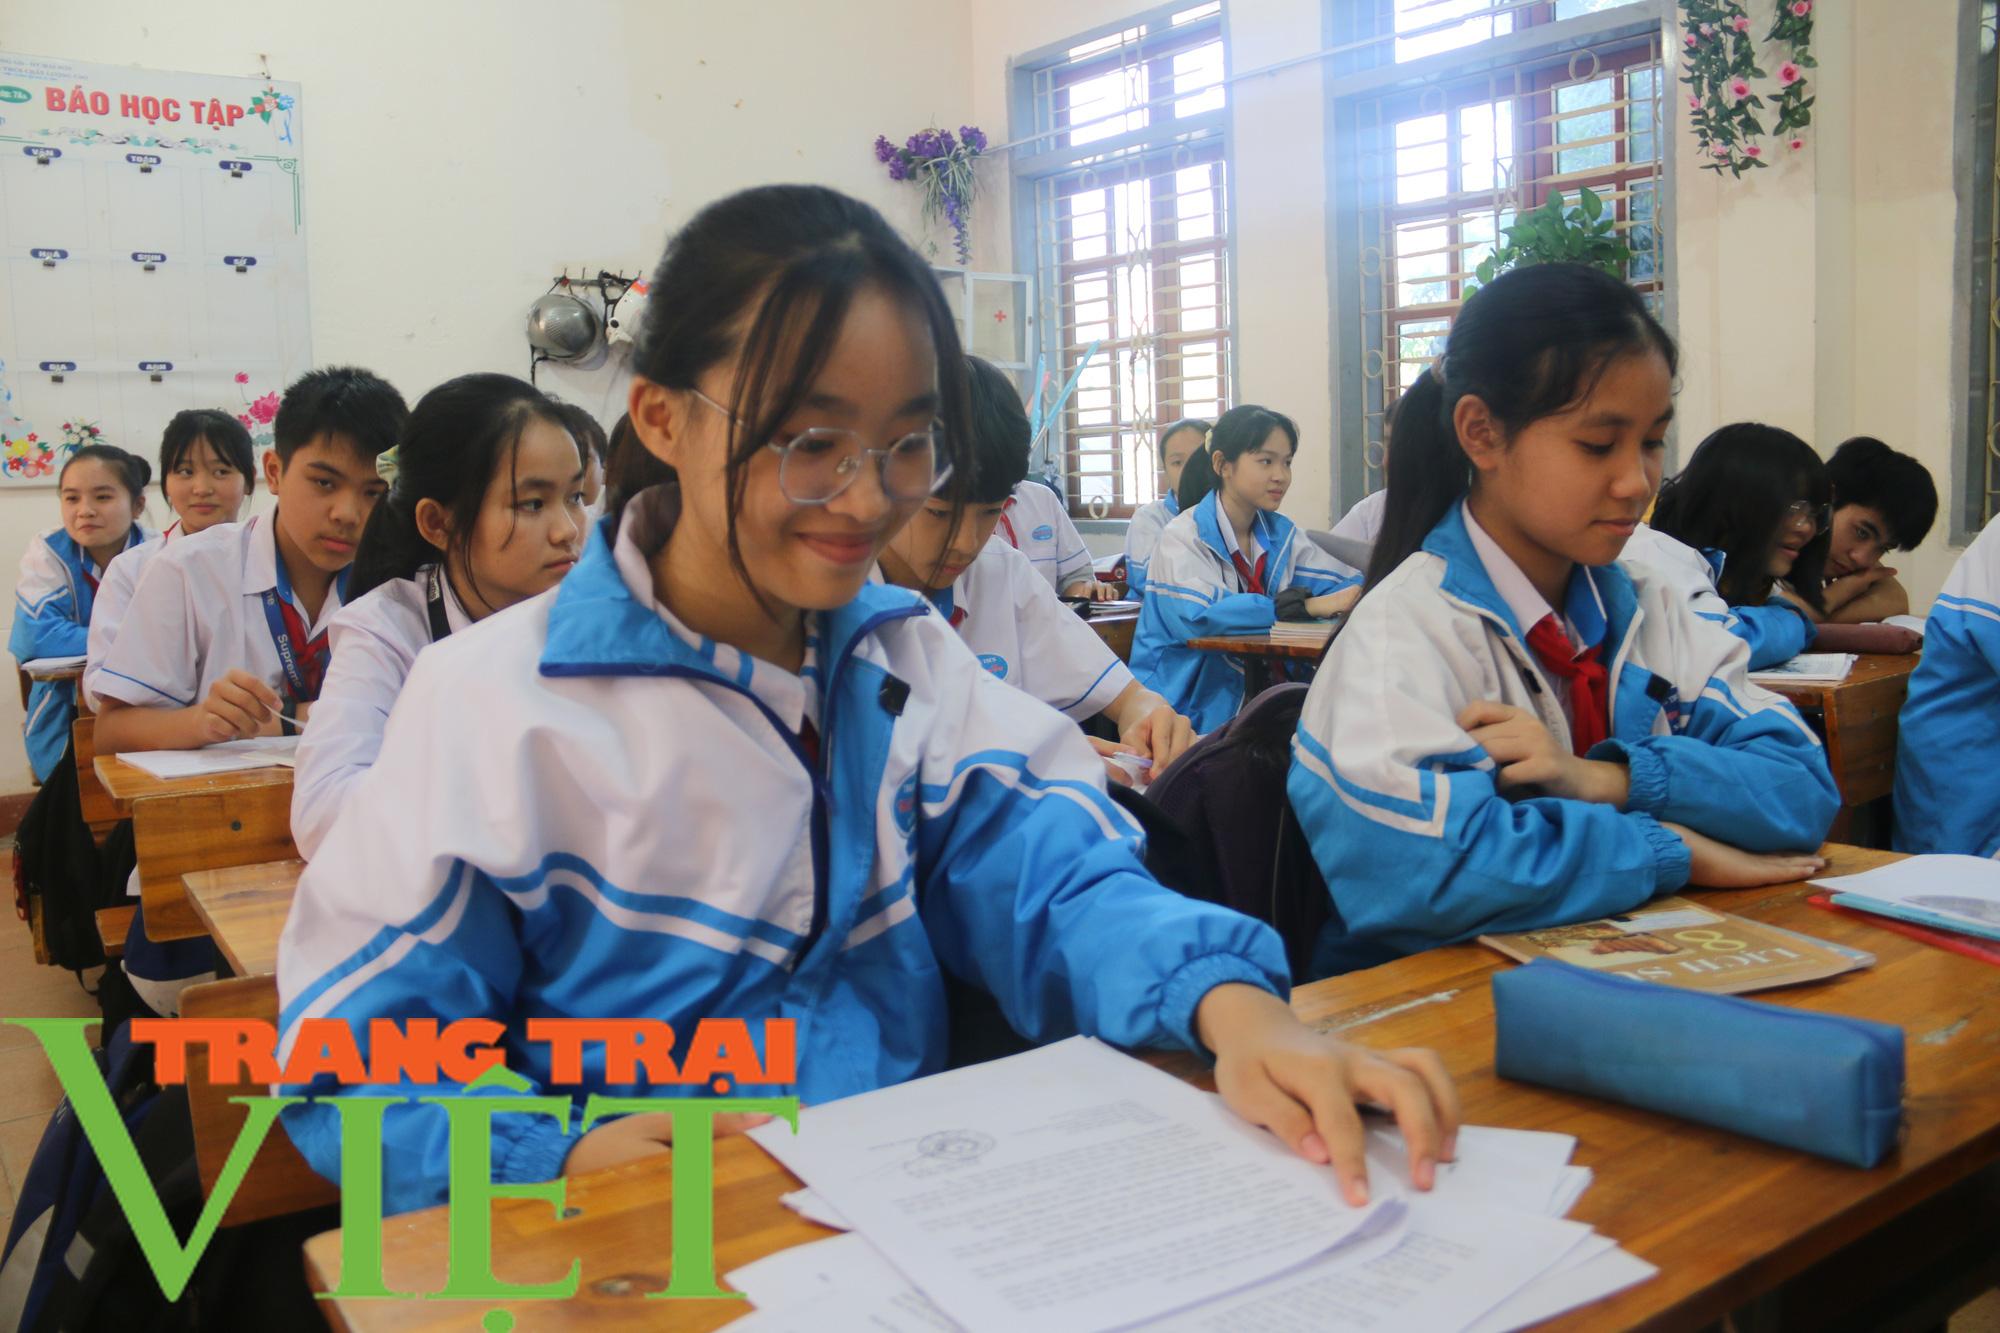 BHXH Mai Sơn: Thực hiện tốt bảo hiểm y tế học sinh - Ảnh 4.